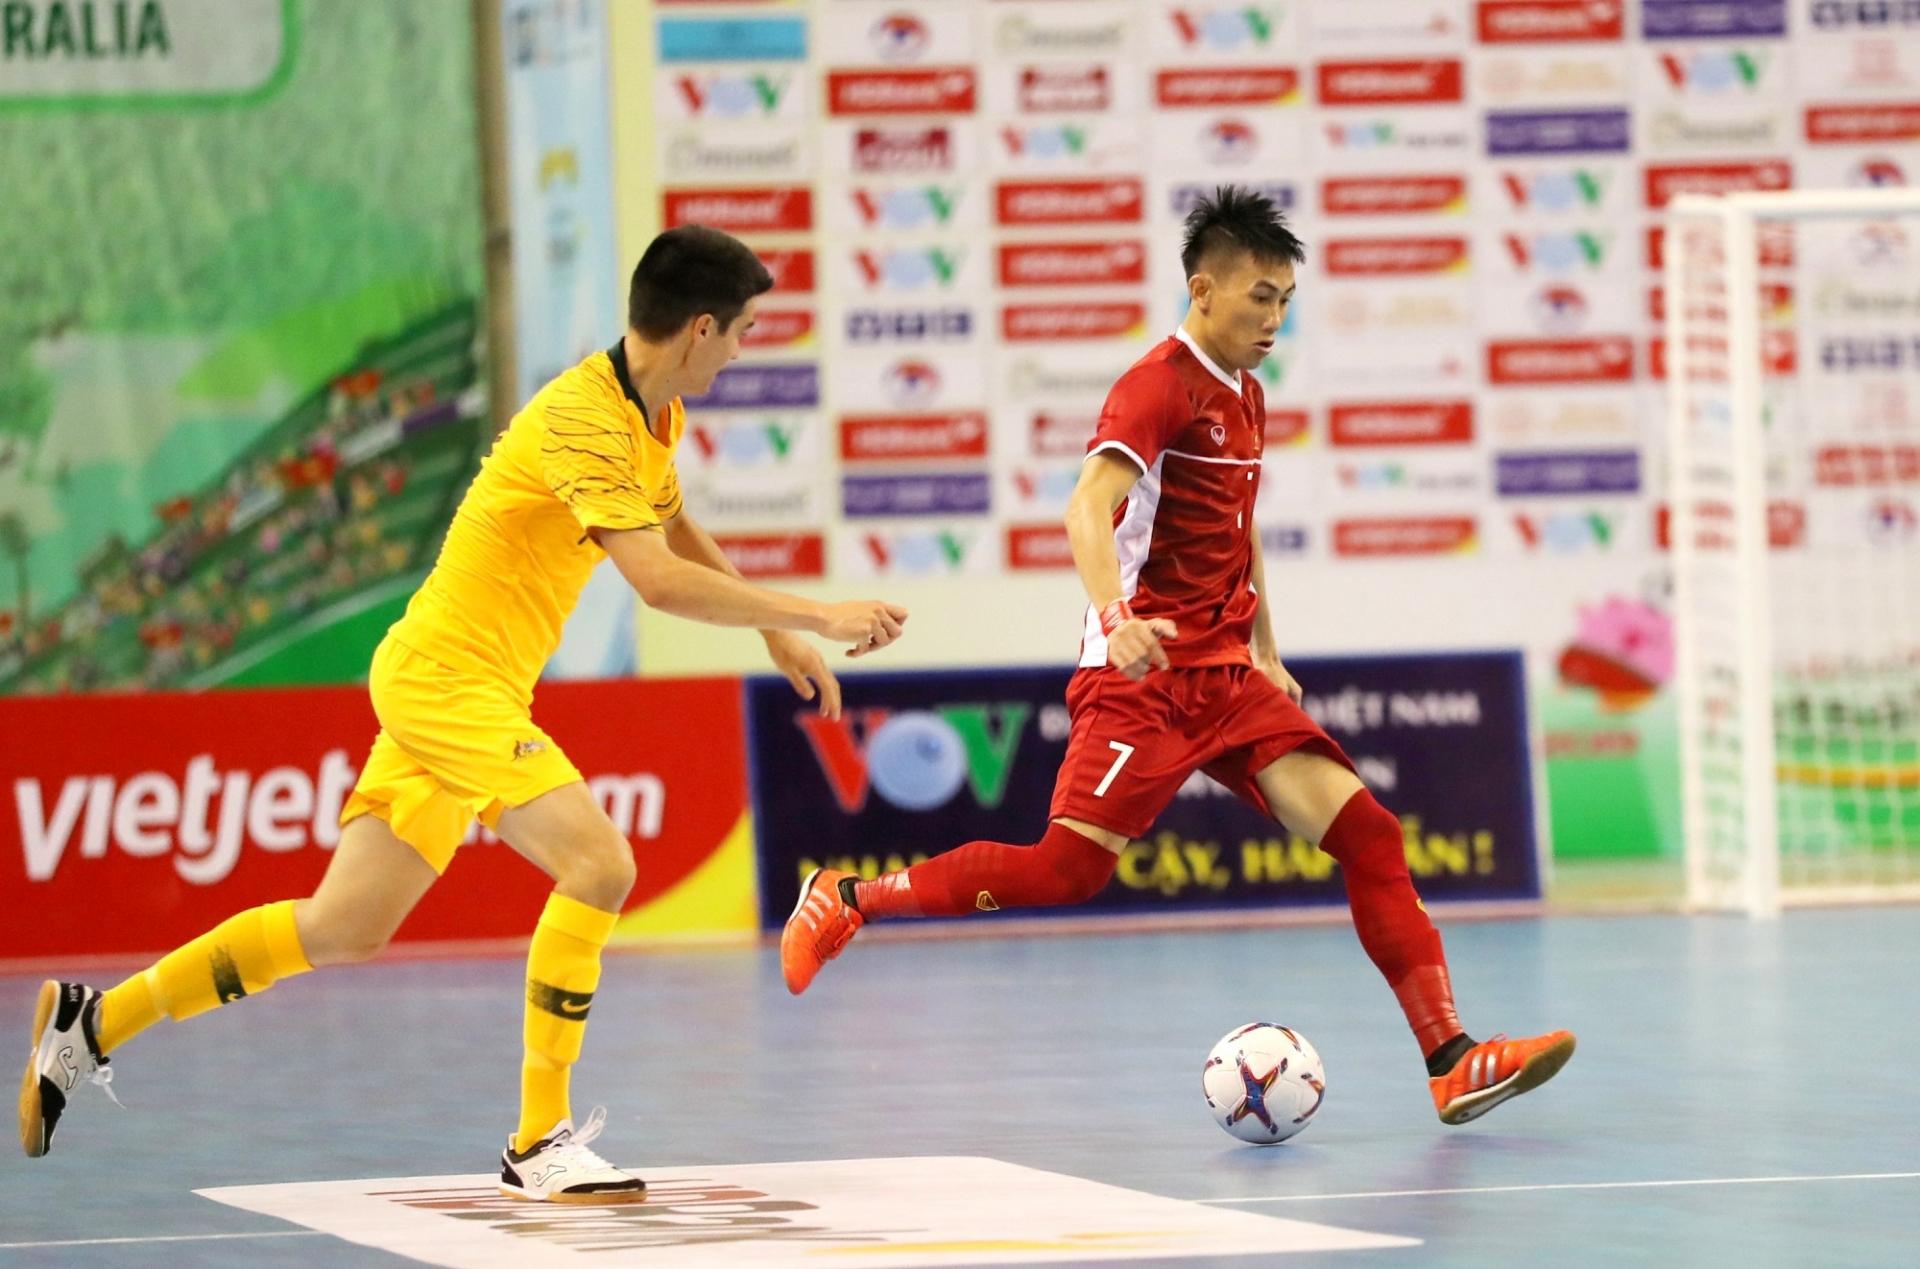 thang uc duong den world cup cua futsal viet nam khong con xa